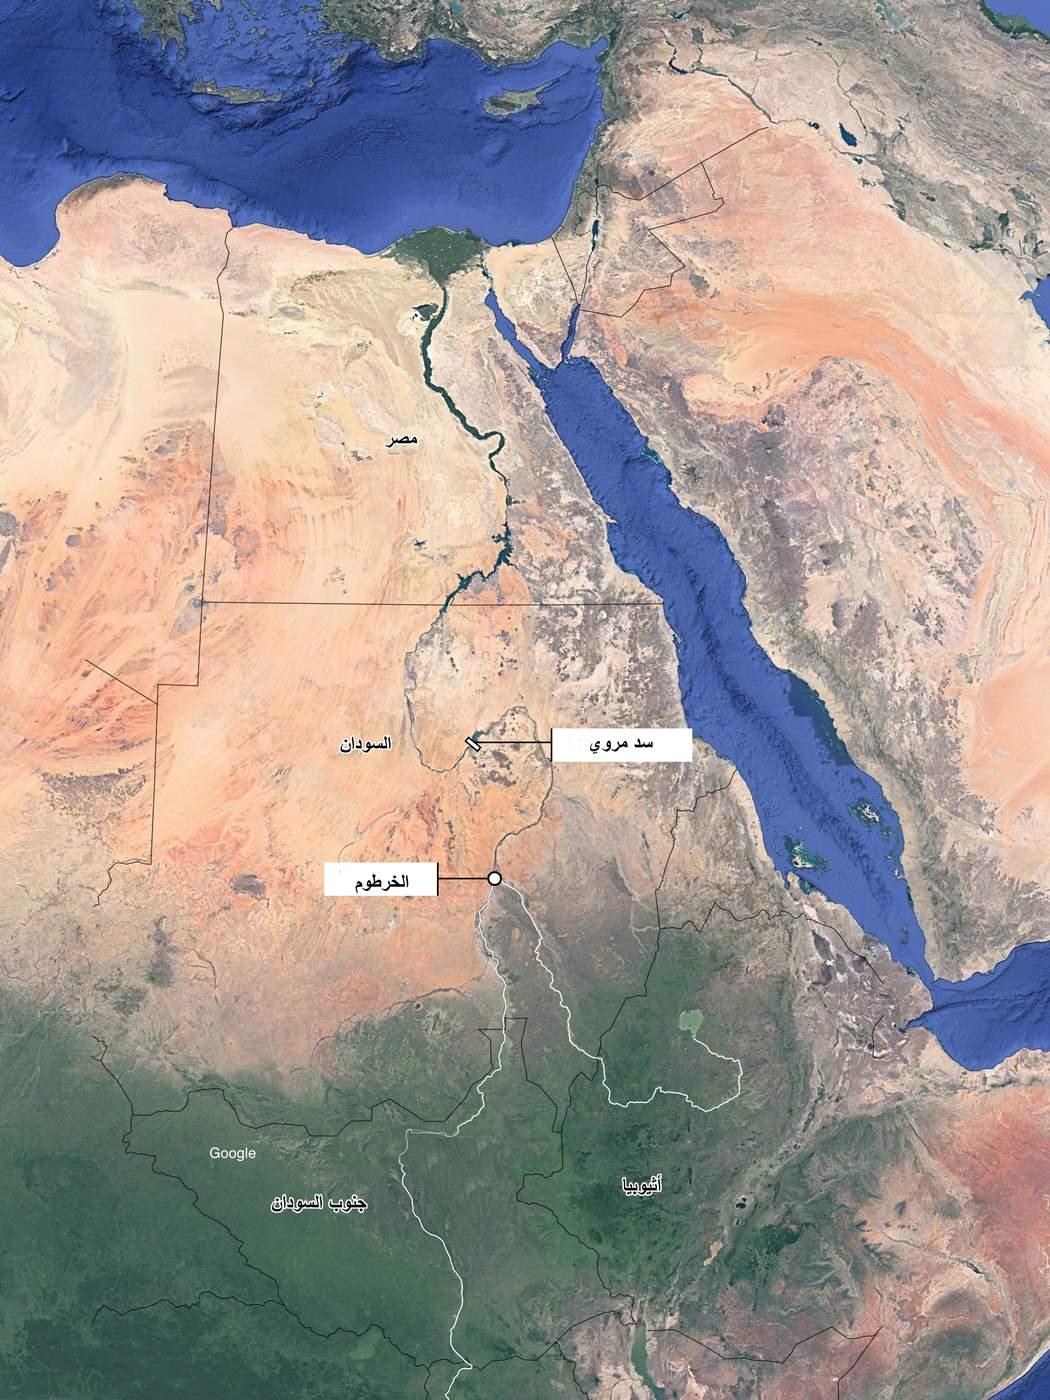 بالصور اكبر نهر في العالم , اكبر نهر في الكره الارضيه 2145 4